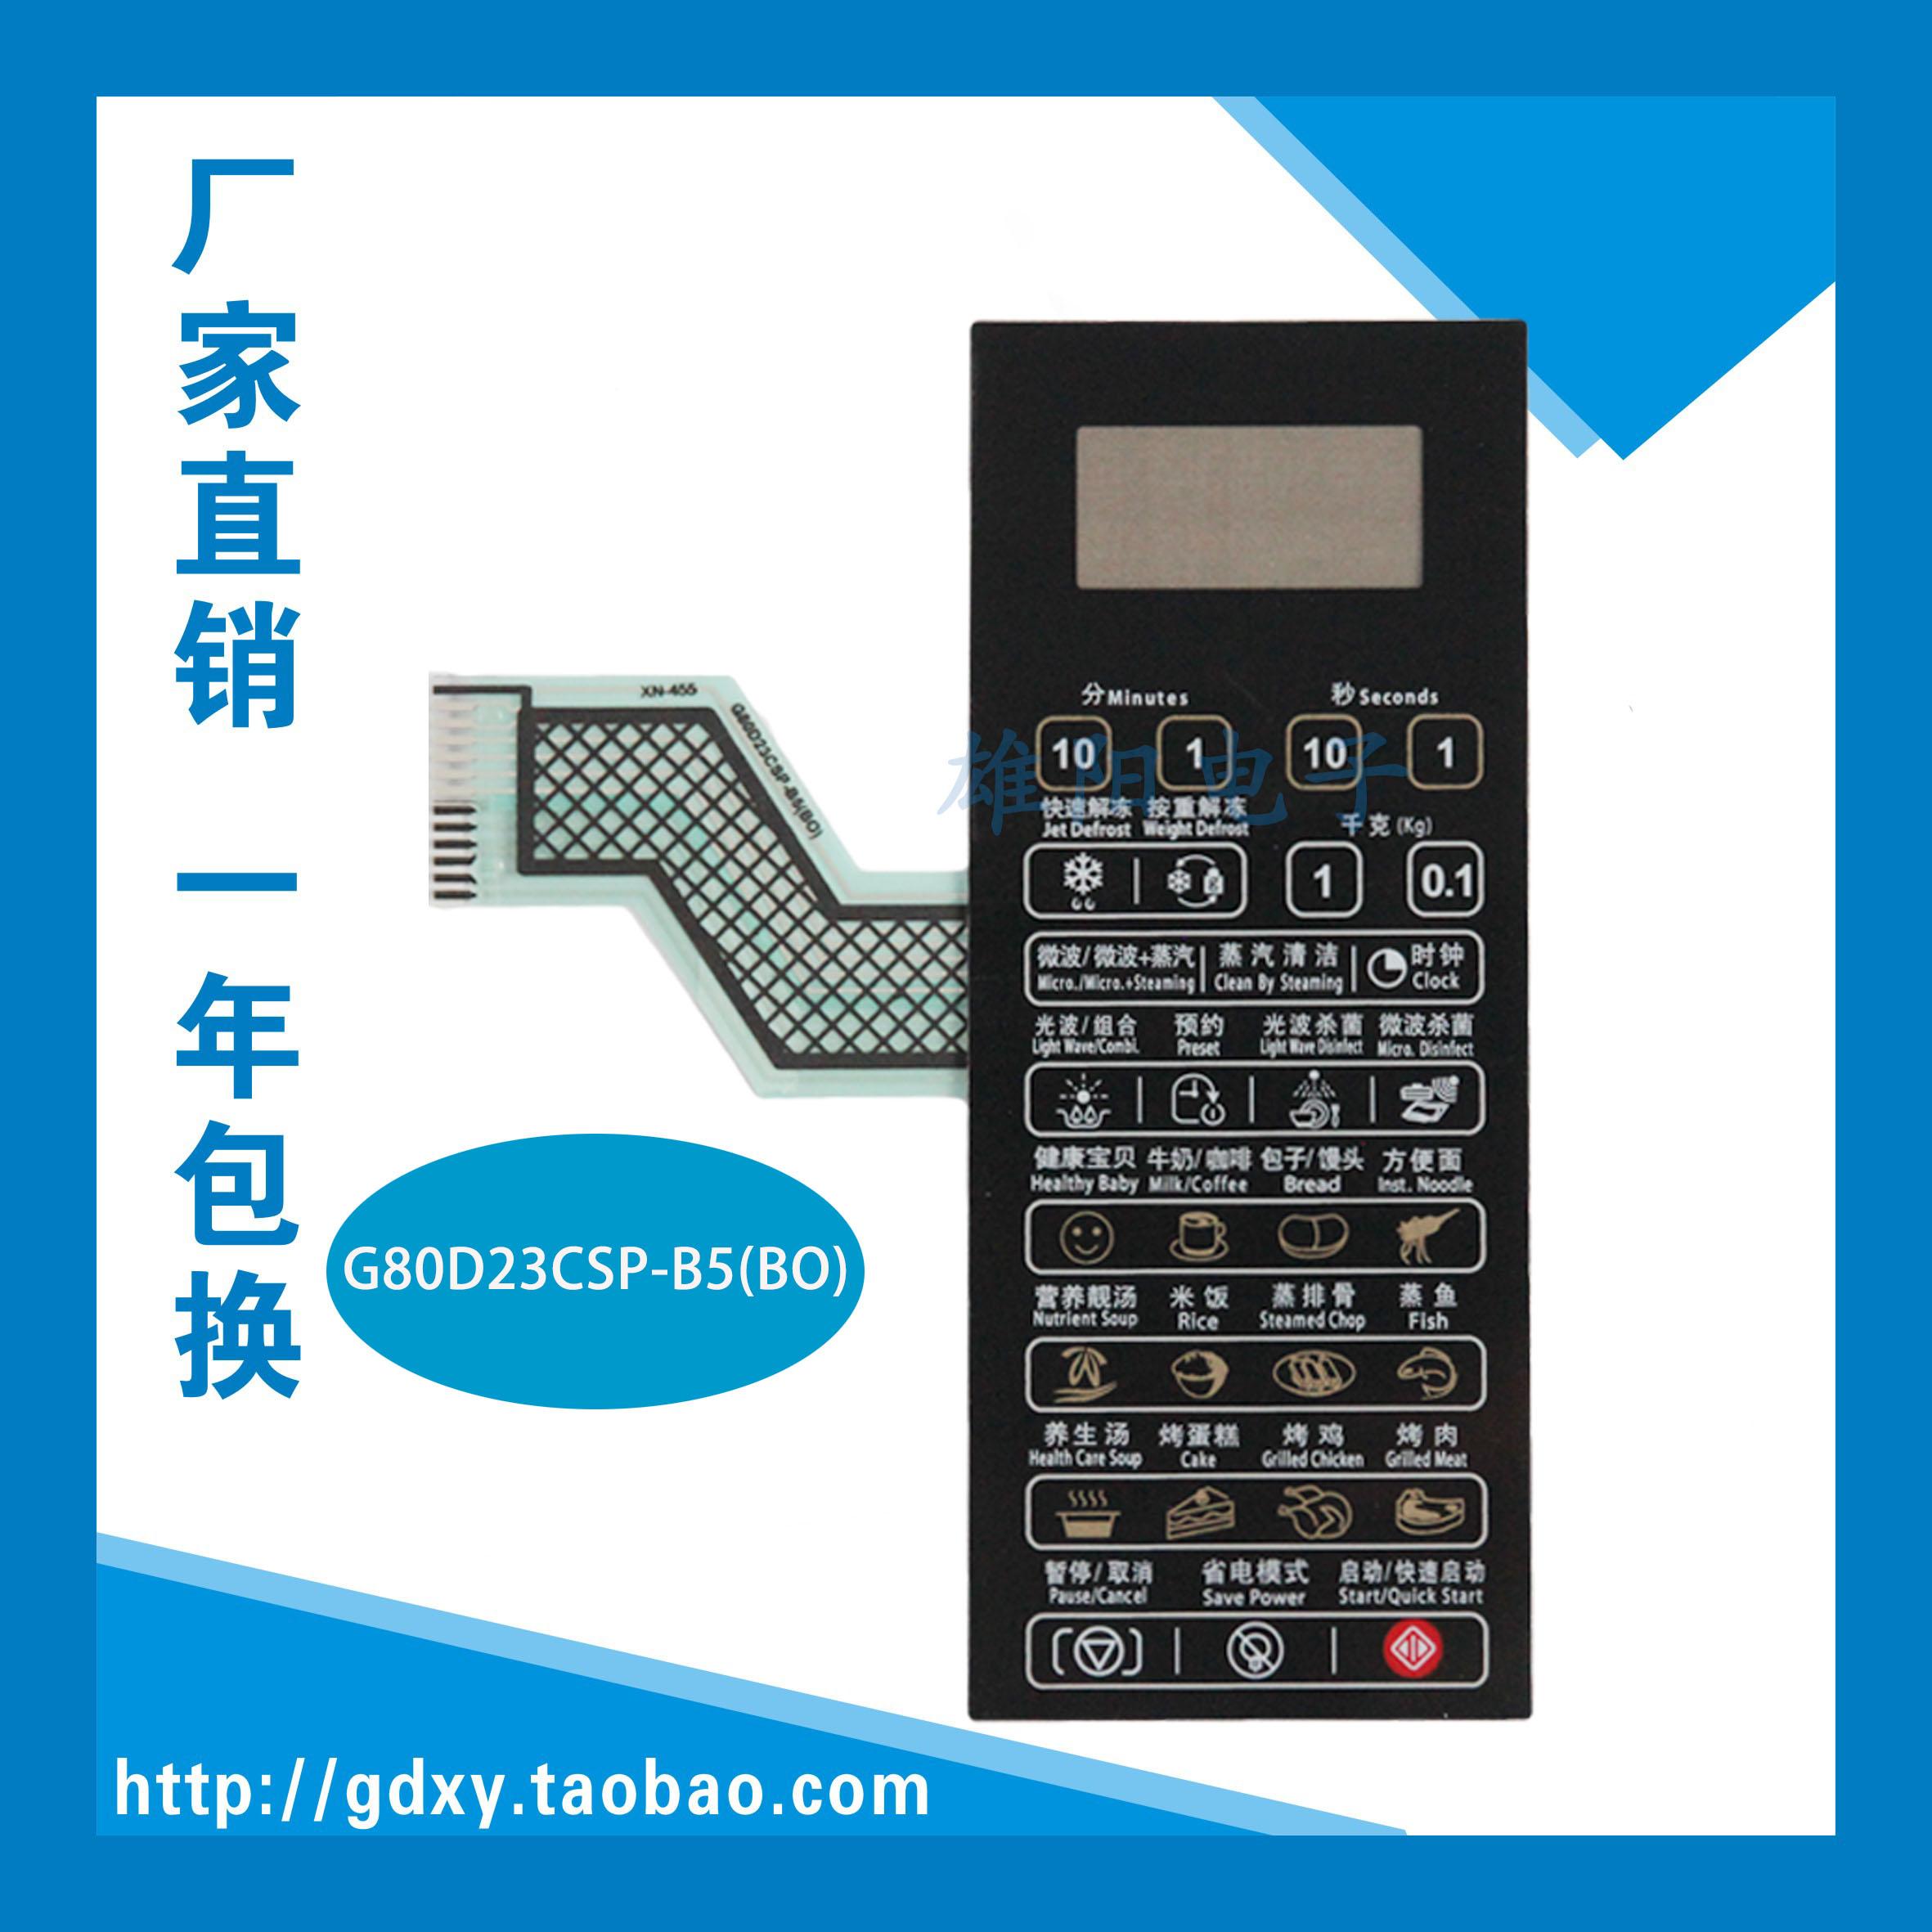 格兰仕 전자렌지 패널 멤브레인 스위치 G80D23CN2P-B5 키 붙이다 G80D23CSP-B5 (BO)